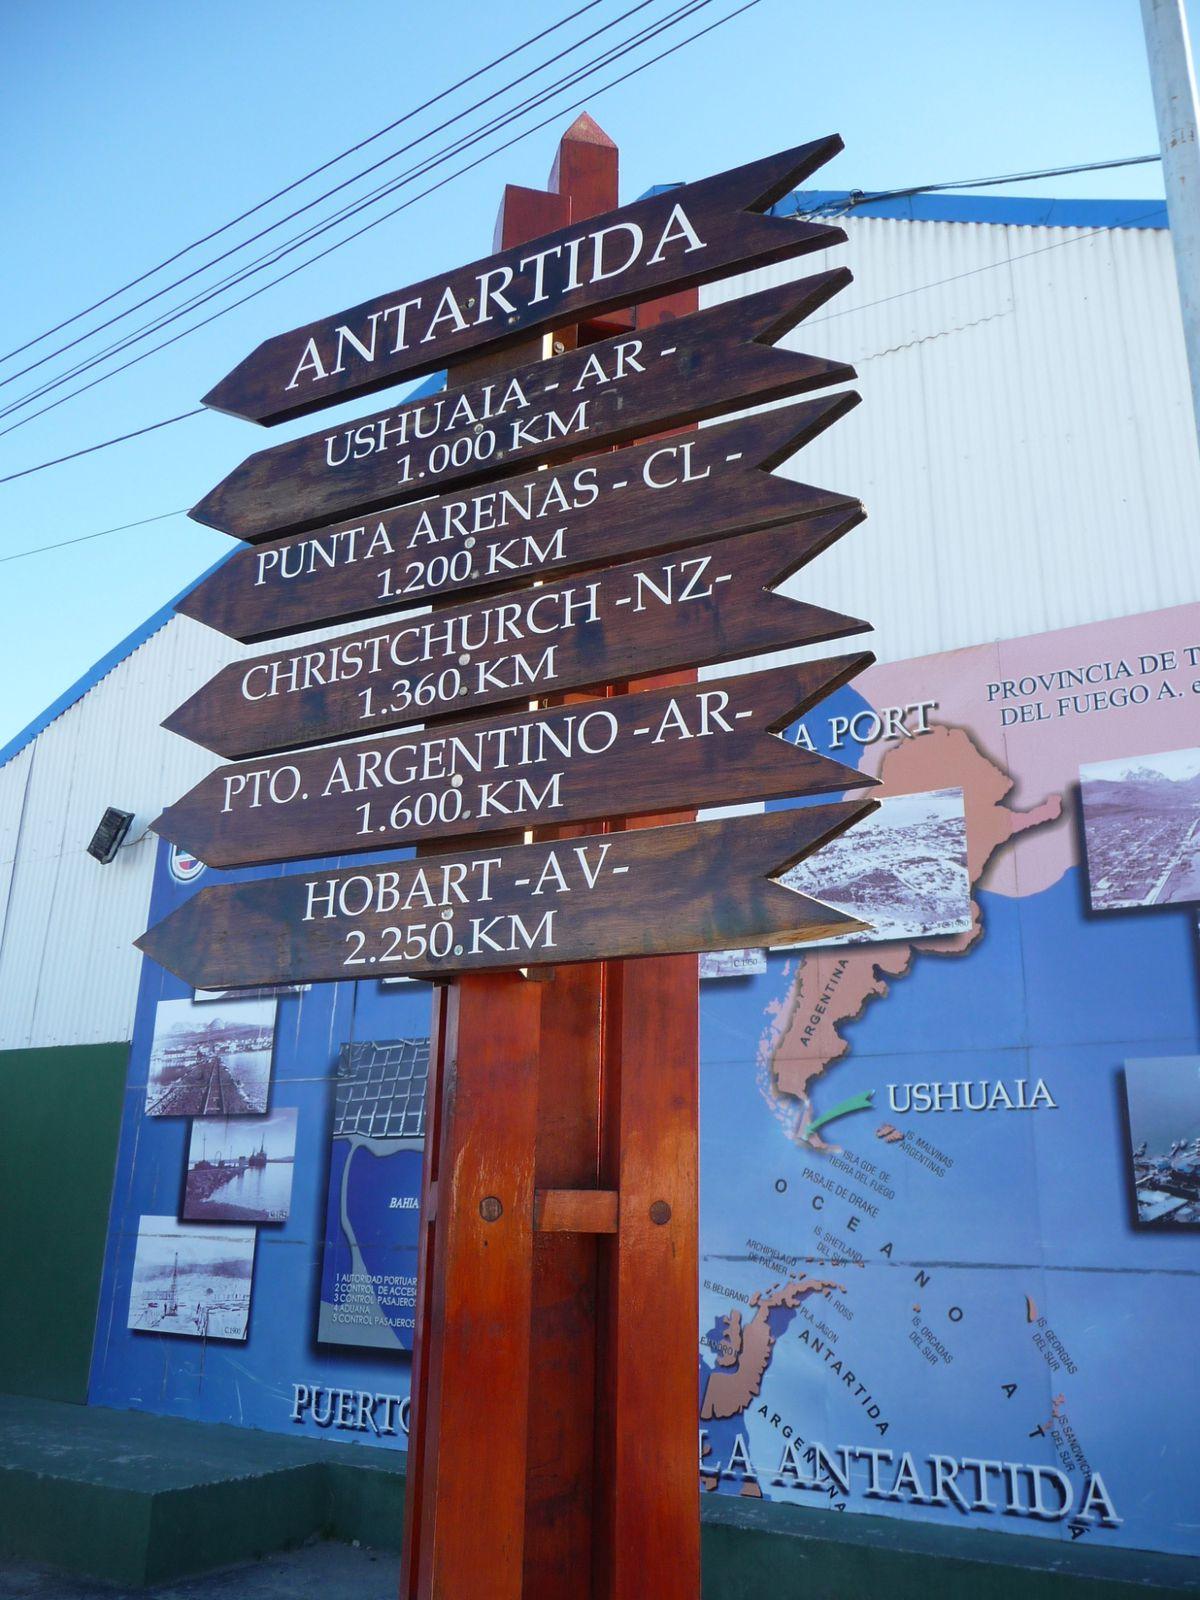 Album - Argentine Ushuaia